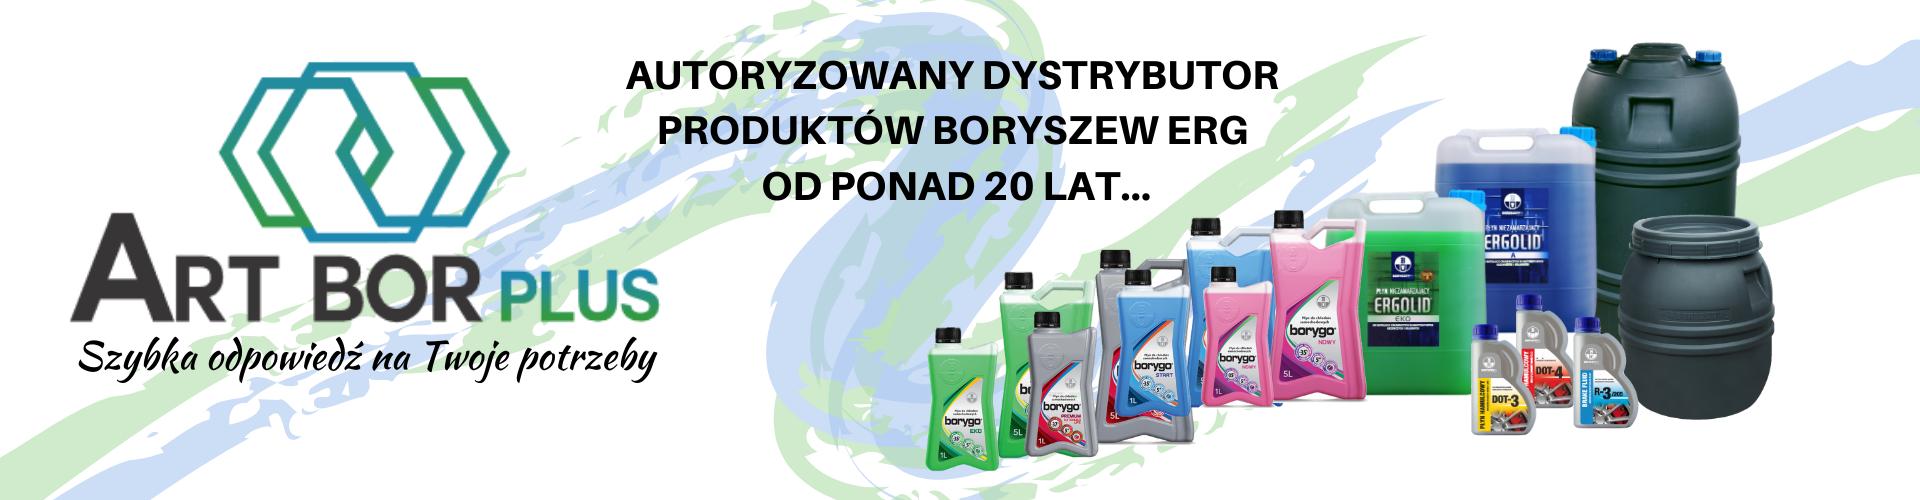 Art Bor Plus Autoryzowany dystrybutor produktów Boryszew ERG